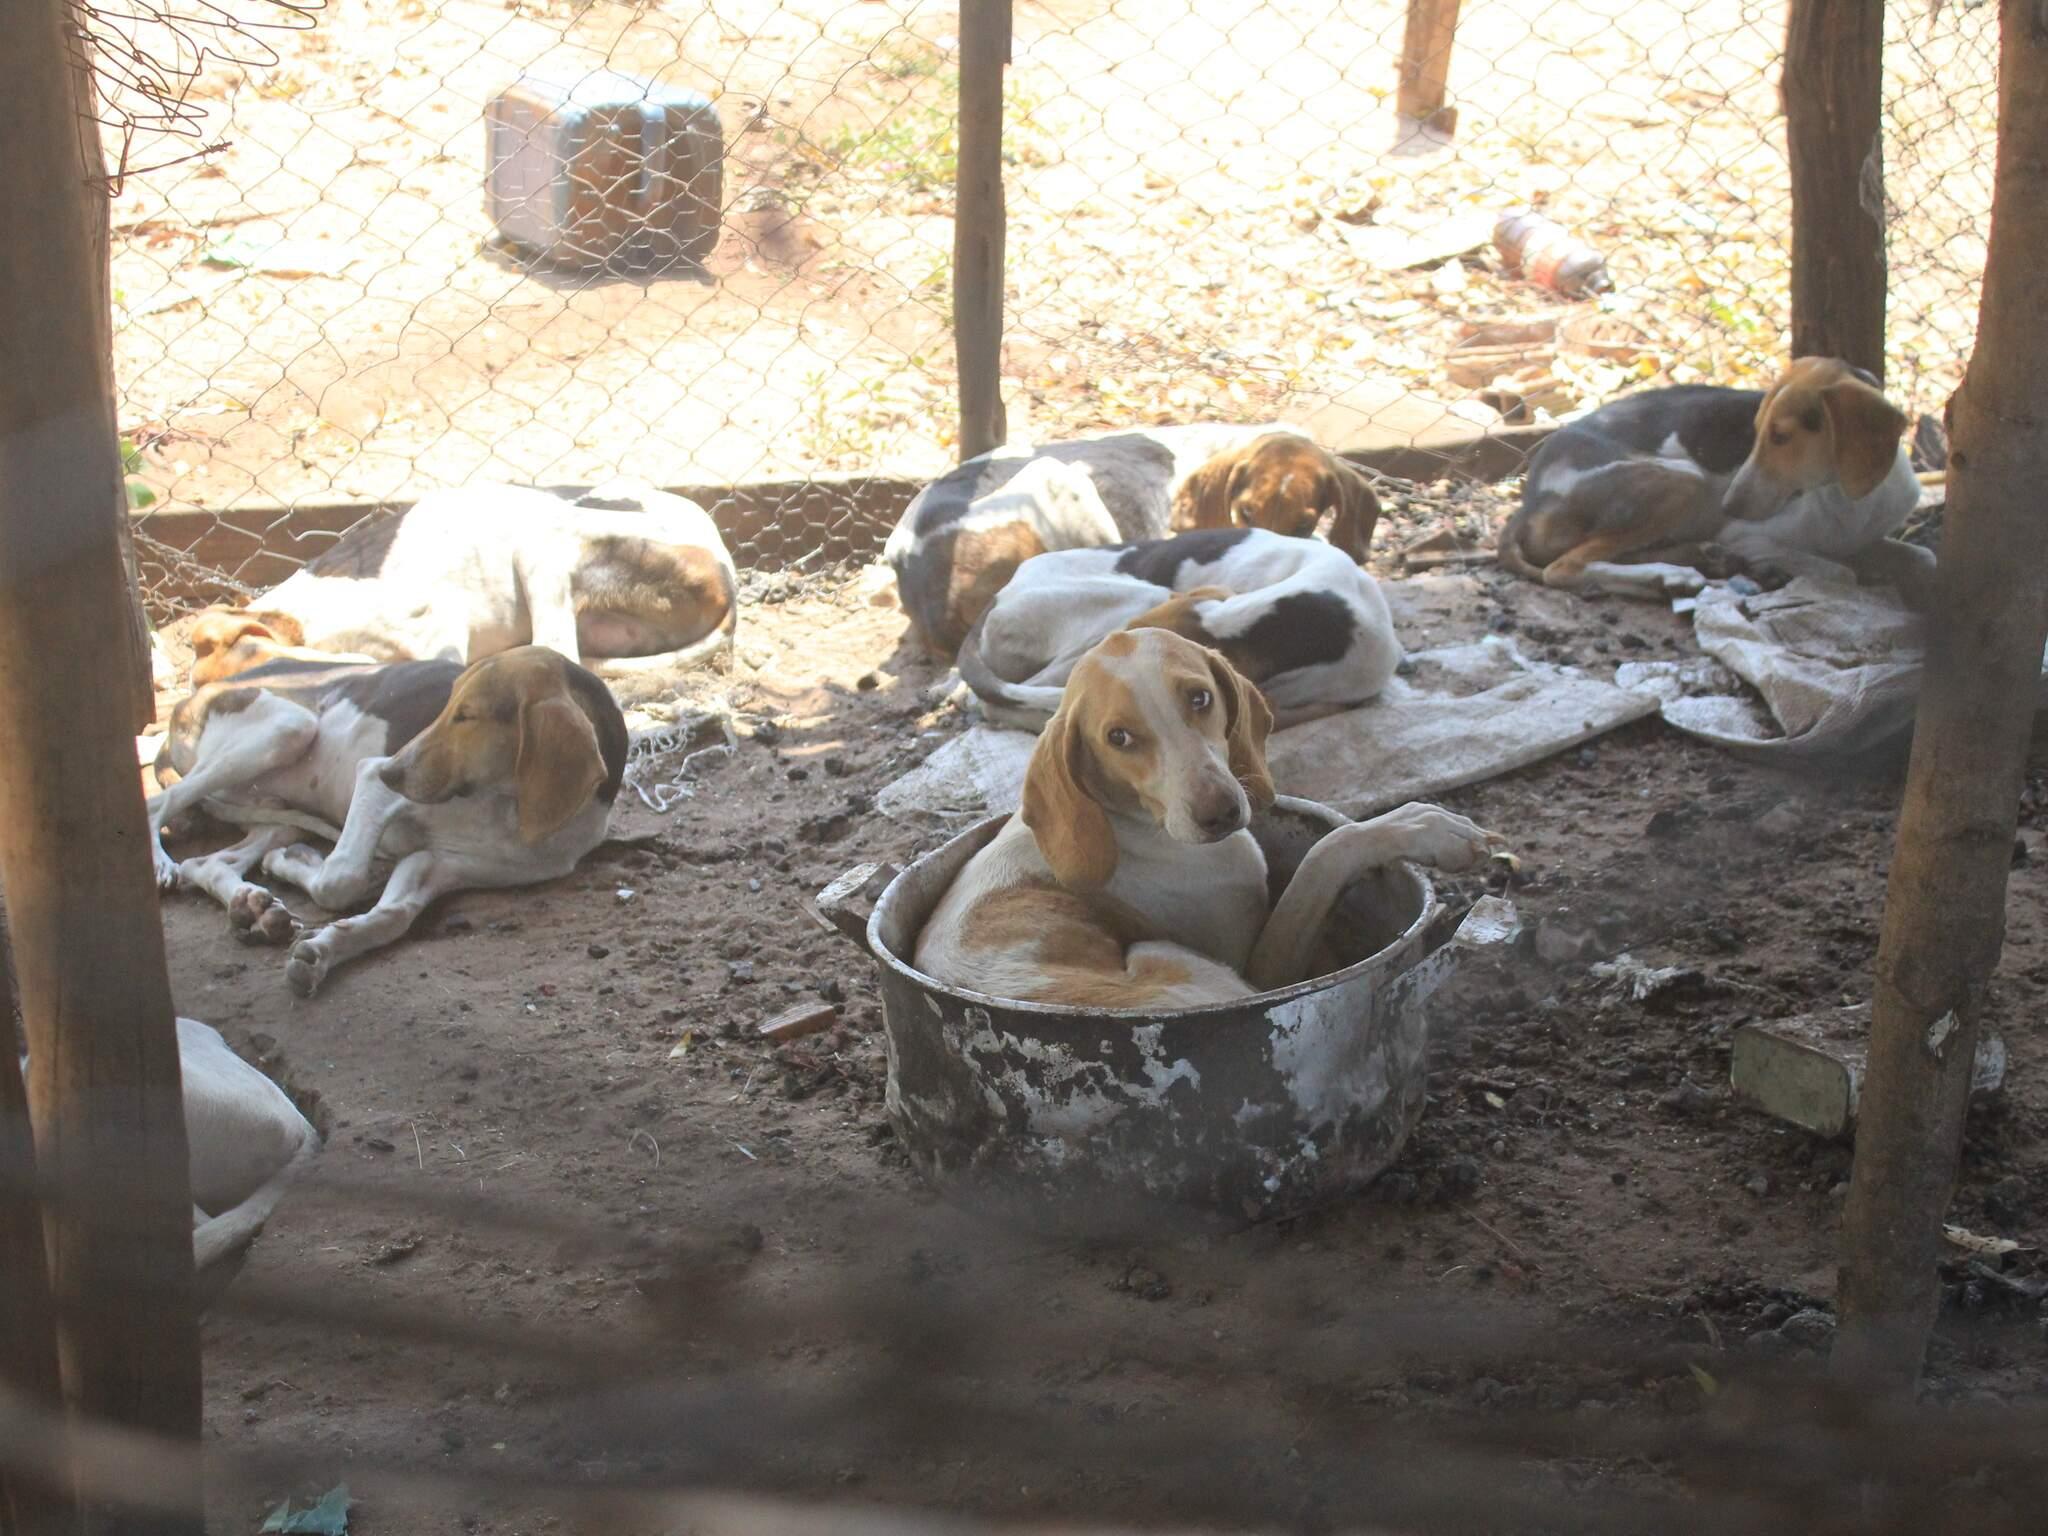 Animais estavam em fazenda e foram resgatados no dia 23 de setembro do ano passado. (Foto: Marina Pacheco/Arquivo)